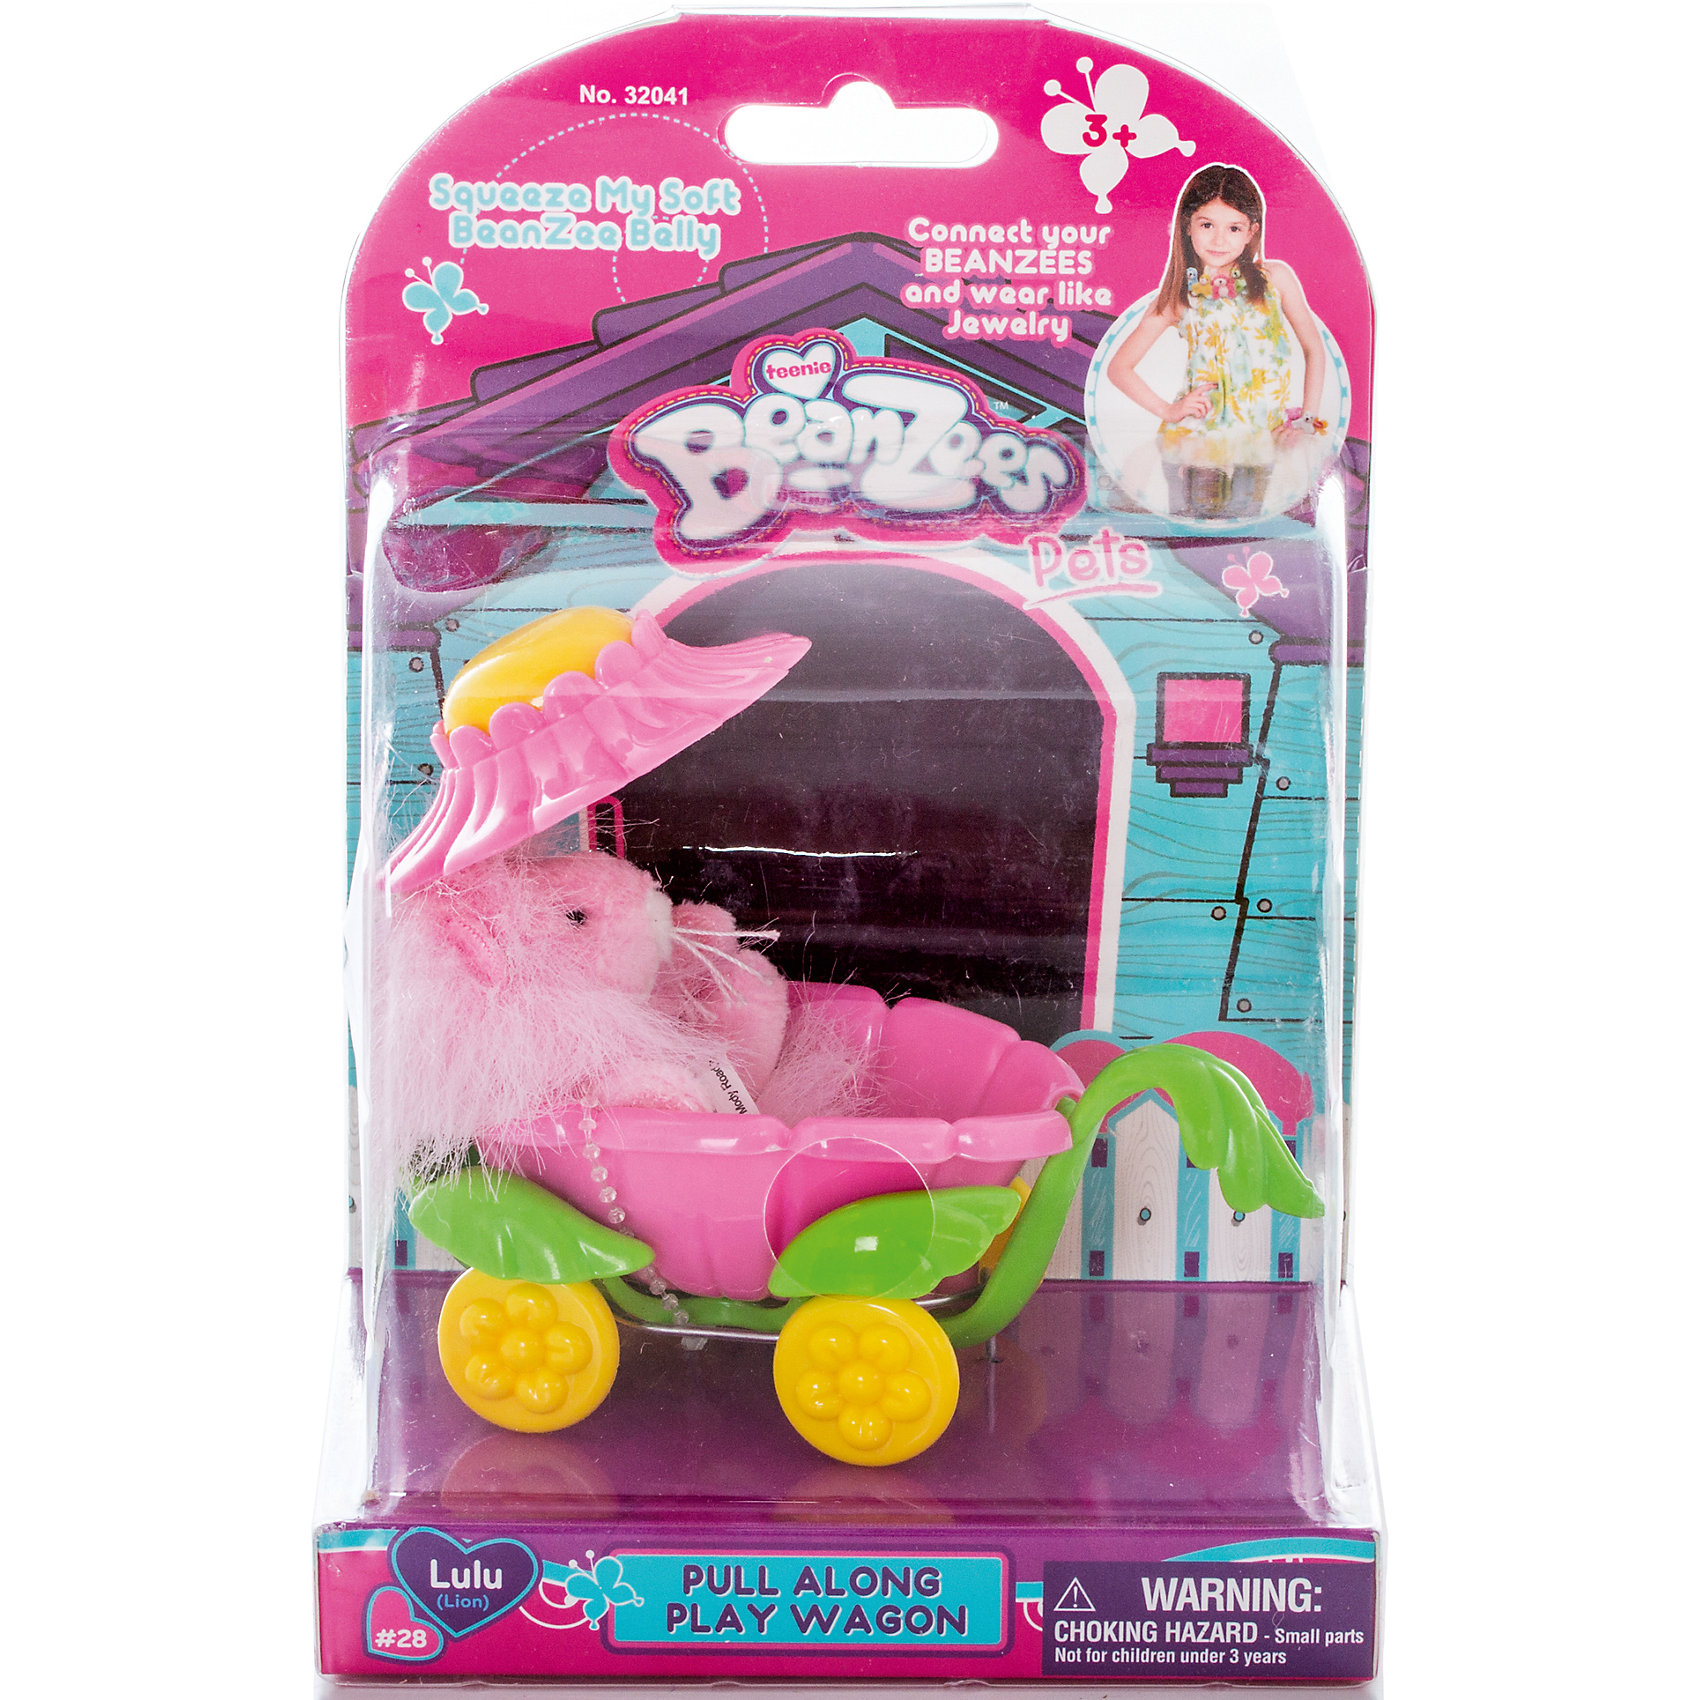 Плюшевый игровой набор Львенок на коляске, BeanzeezМир животных<br>Характеристики товара:<br><br>- цвет: разноцветный;<br>- материал: пластик, текстиль;<br>- комплектация: фигурка животного, аксессуар;<br>- особенности: наличие на лапках липучек, игрушку можно соединять с другими героями из серии;<br>- живот заполнен гранулами;<br>- размер упаковки: 9х18х13 см;<br>- упаковка: блистер;<br>- вес: 146 г.<br><br>Такая симпатичная фигурка не оставит ребенка равнодушным! Какой малыш откажется поиграть с маленькой плюшевой игрушкой из большой пушистой коллекции?! Игрушка очень качественно выполнена, поэтому она станет отличным подарком ребенку. В наборе идет фигурка животного и аксессуары. С ними можно придумать множество сюжетов, разыгрывая которые, ребенок развивает мелкую моторику, воображение и творческое мышление.<br>Изделие произведено из высококачественного материала, безопасного для детей.<br><br>Плюшевый игровой набор Львенок на коляске от бренда Beanzeez можно купить в нашем интернет-магазине.<br><br>Ширина мм: 85<br>Глубина мм: 180<br>Высота мм: 130<br>Вес г: 145<br>Возраст от месяцев: 36<br>Возраст до месяцев: 2147483647<br>Пол: Женский<br>Возраст: Детский<br>SKU: 5039892